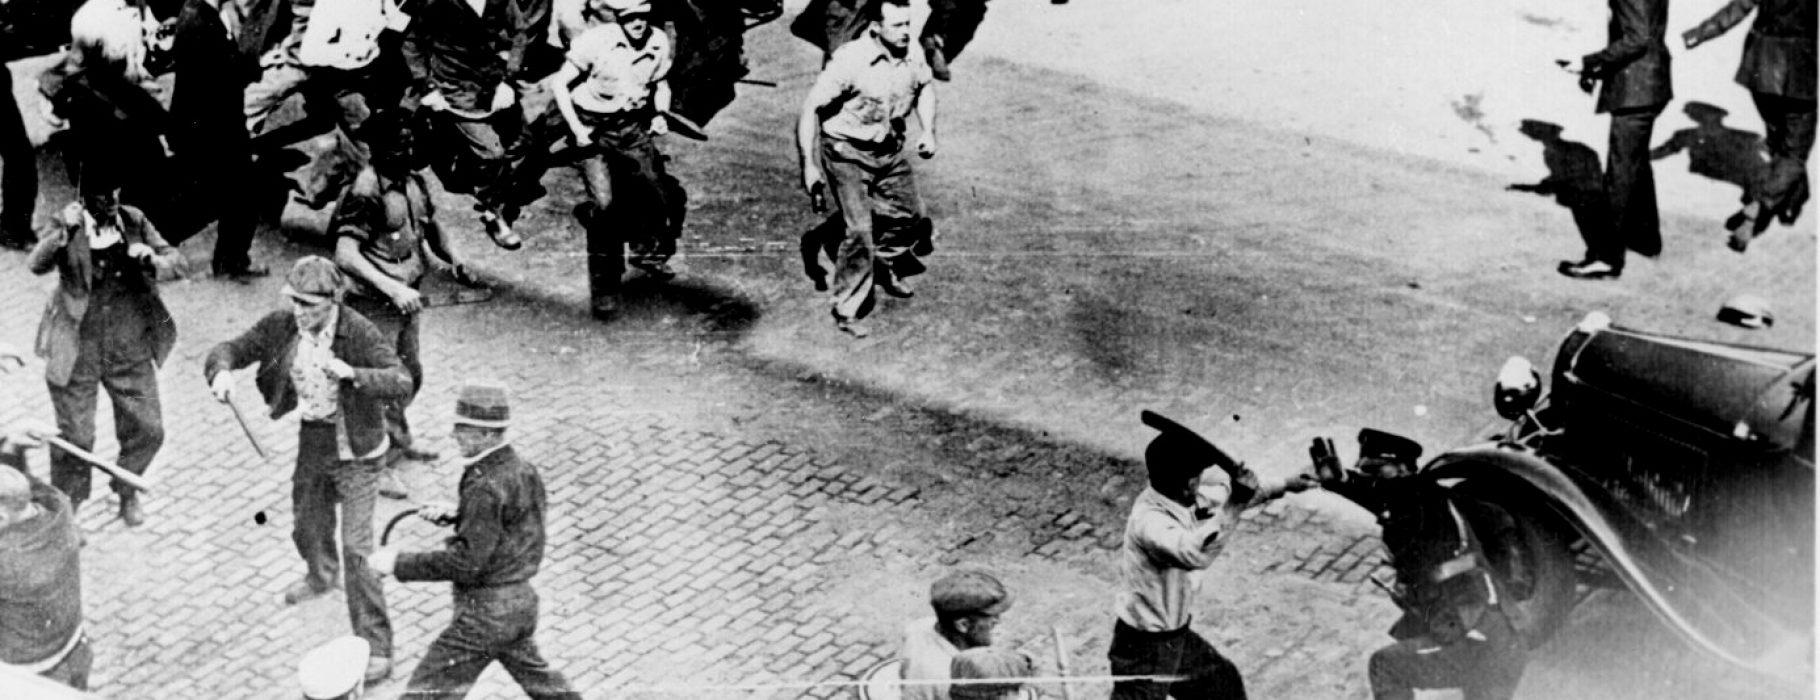 Battle_strike_1934